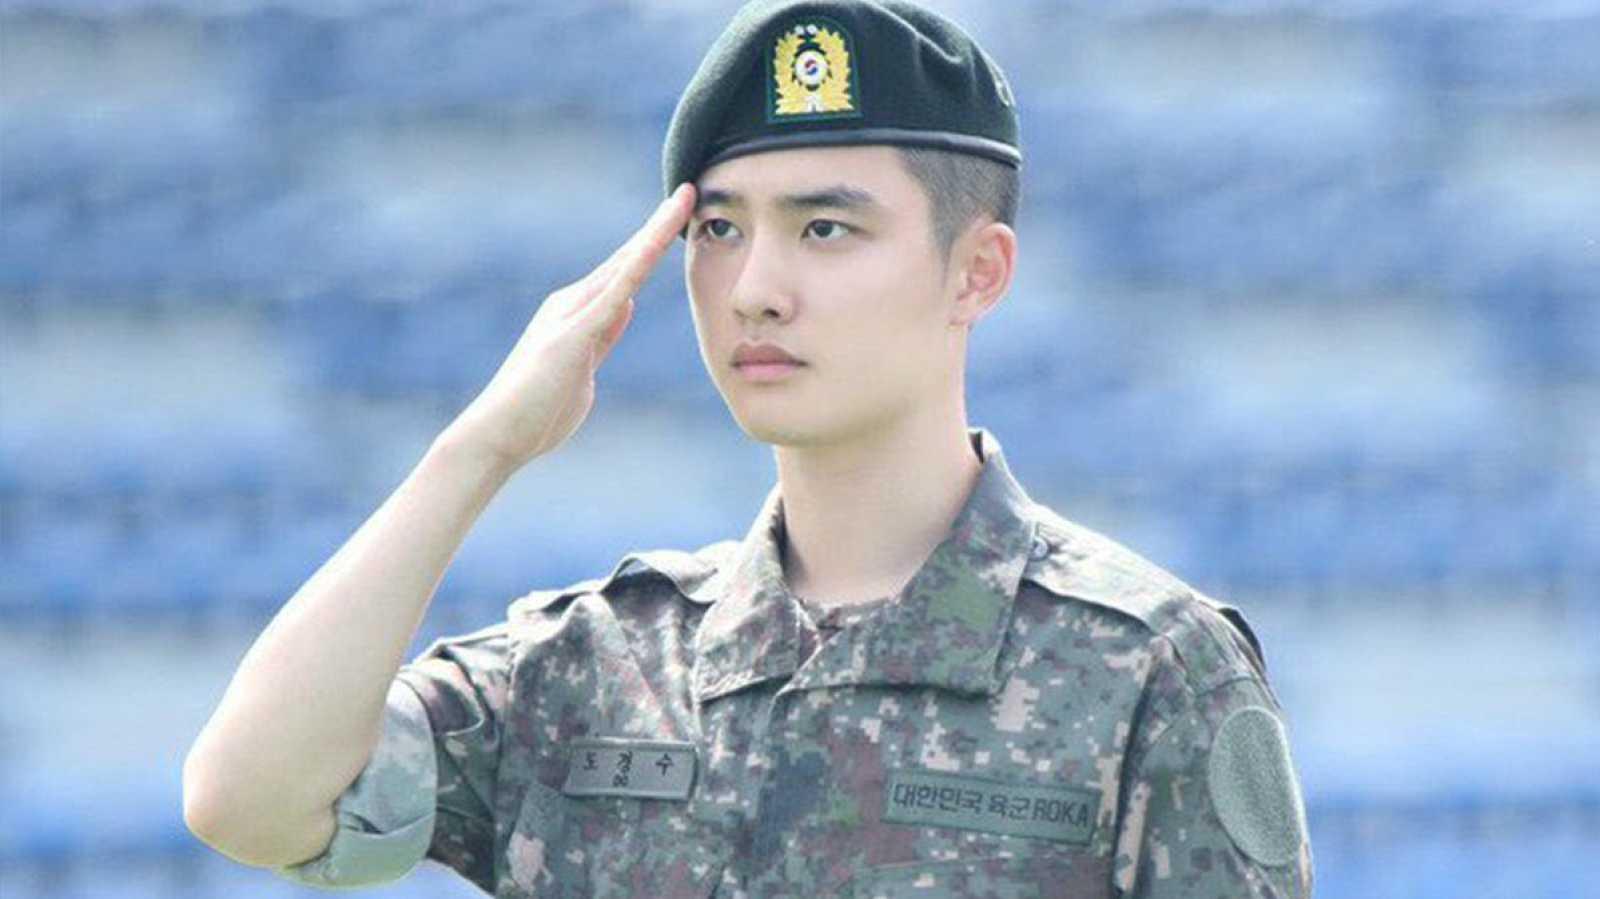 D.O de EXO recibe su puesto oficial en el servicio militar